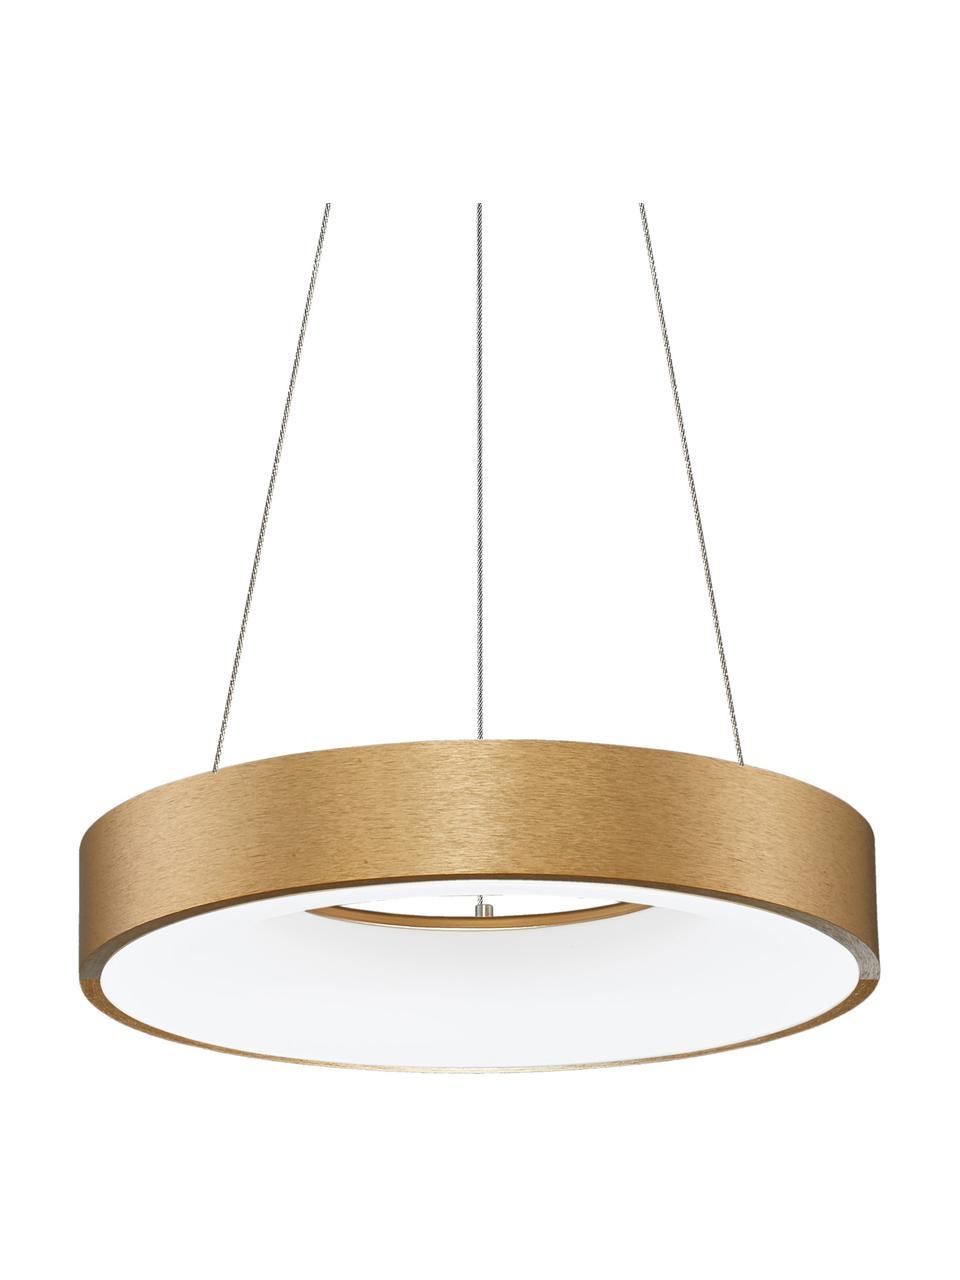 Lampa wisząca LED z funkcją przyciemniania Rando, Odcienie złotego, Ø 60 x W 6 cm